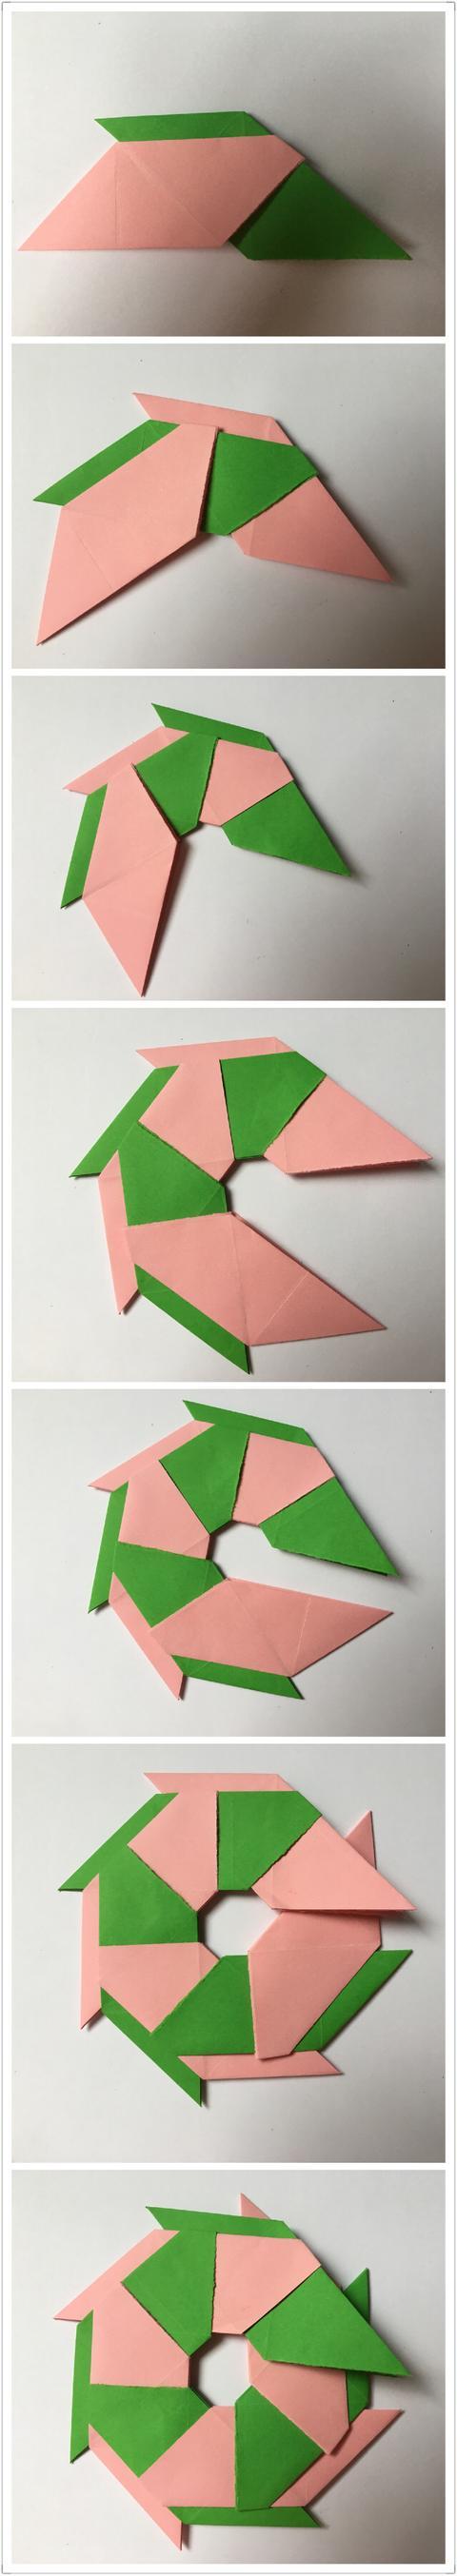 兒童手工——八角飛鏢的折法 - 每日頭條